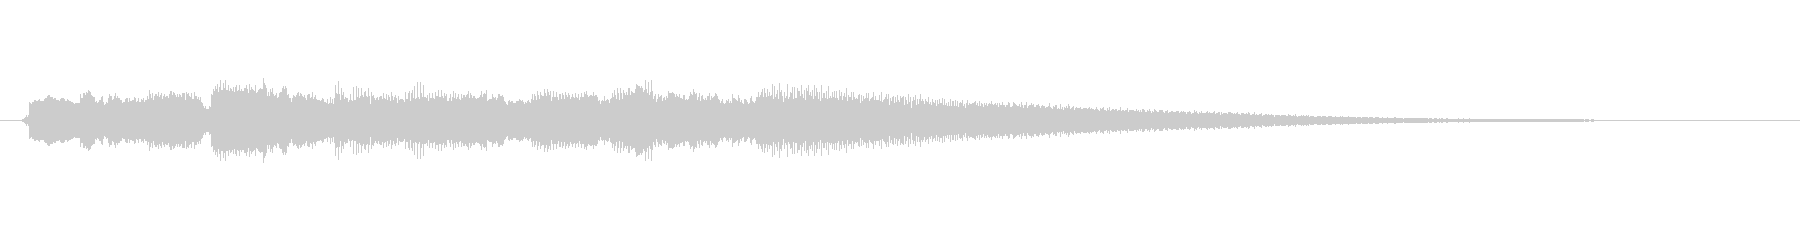 ブルースギター/ジングル/場面転換の未再生の波形